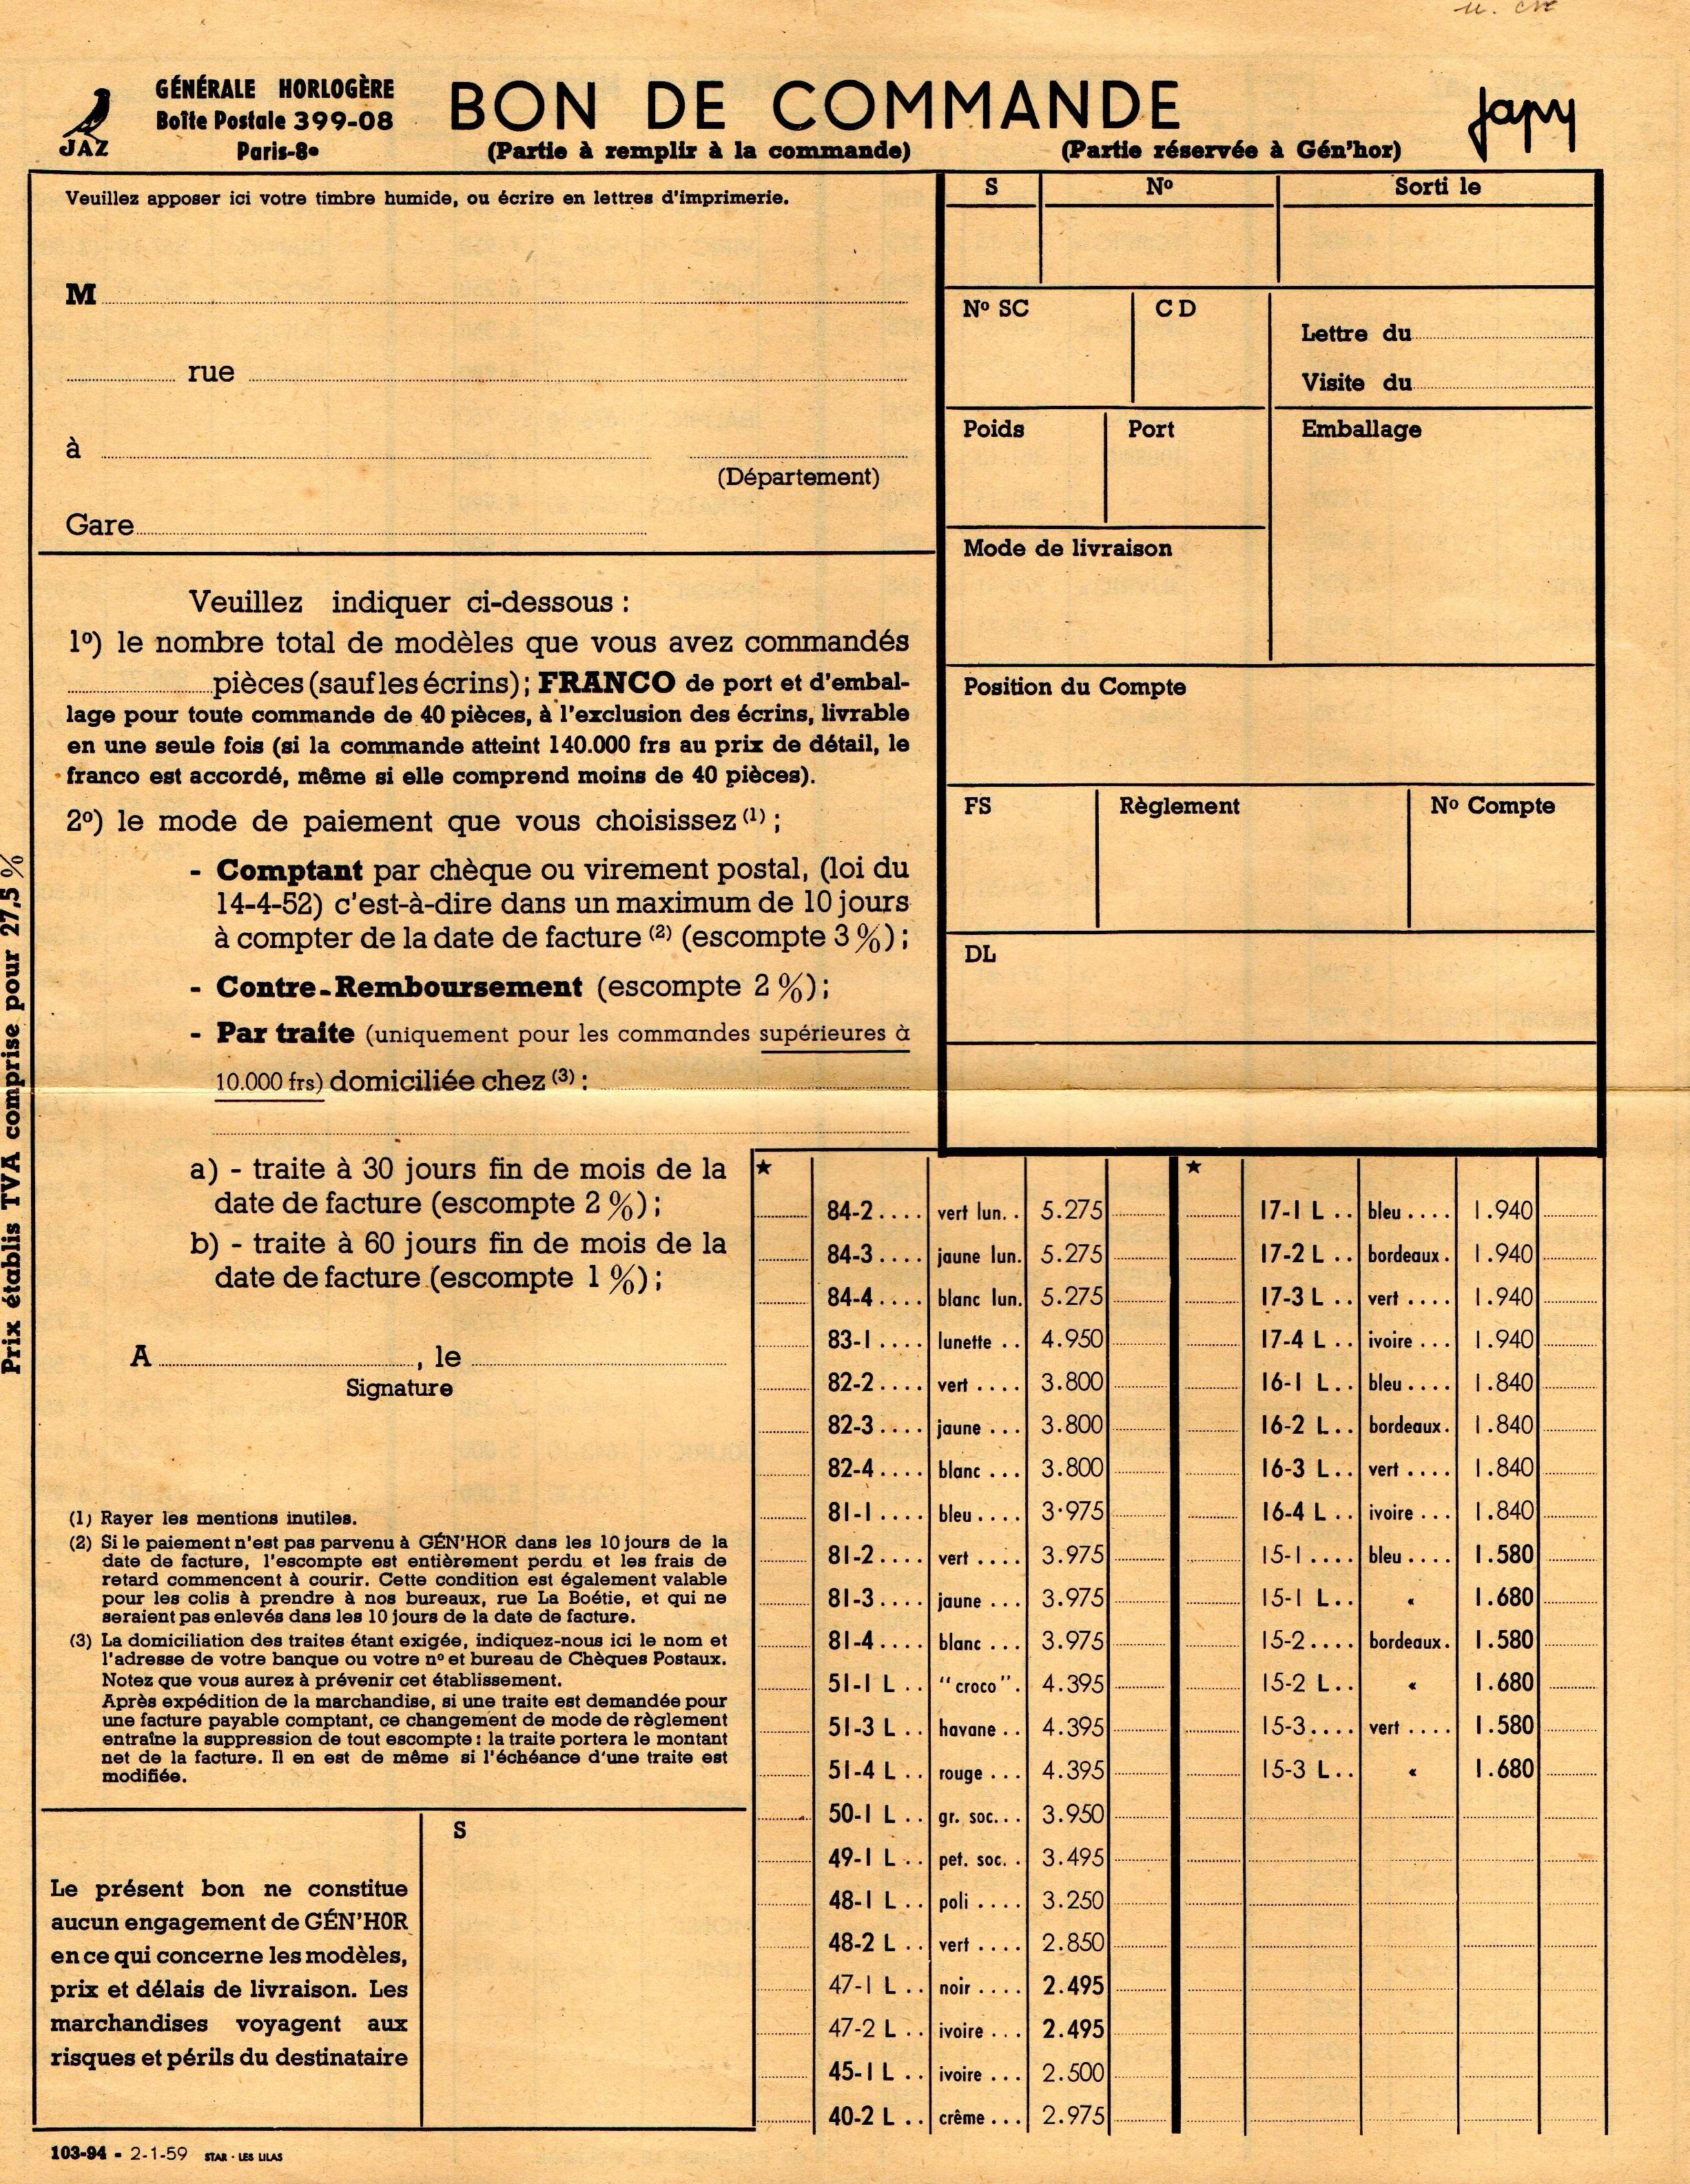 1958 bon de commande tarif FC 58 Janvier 1959 page 1